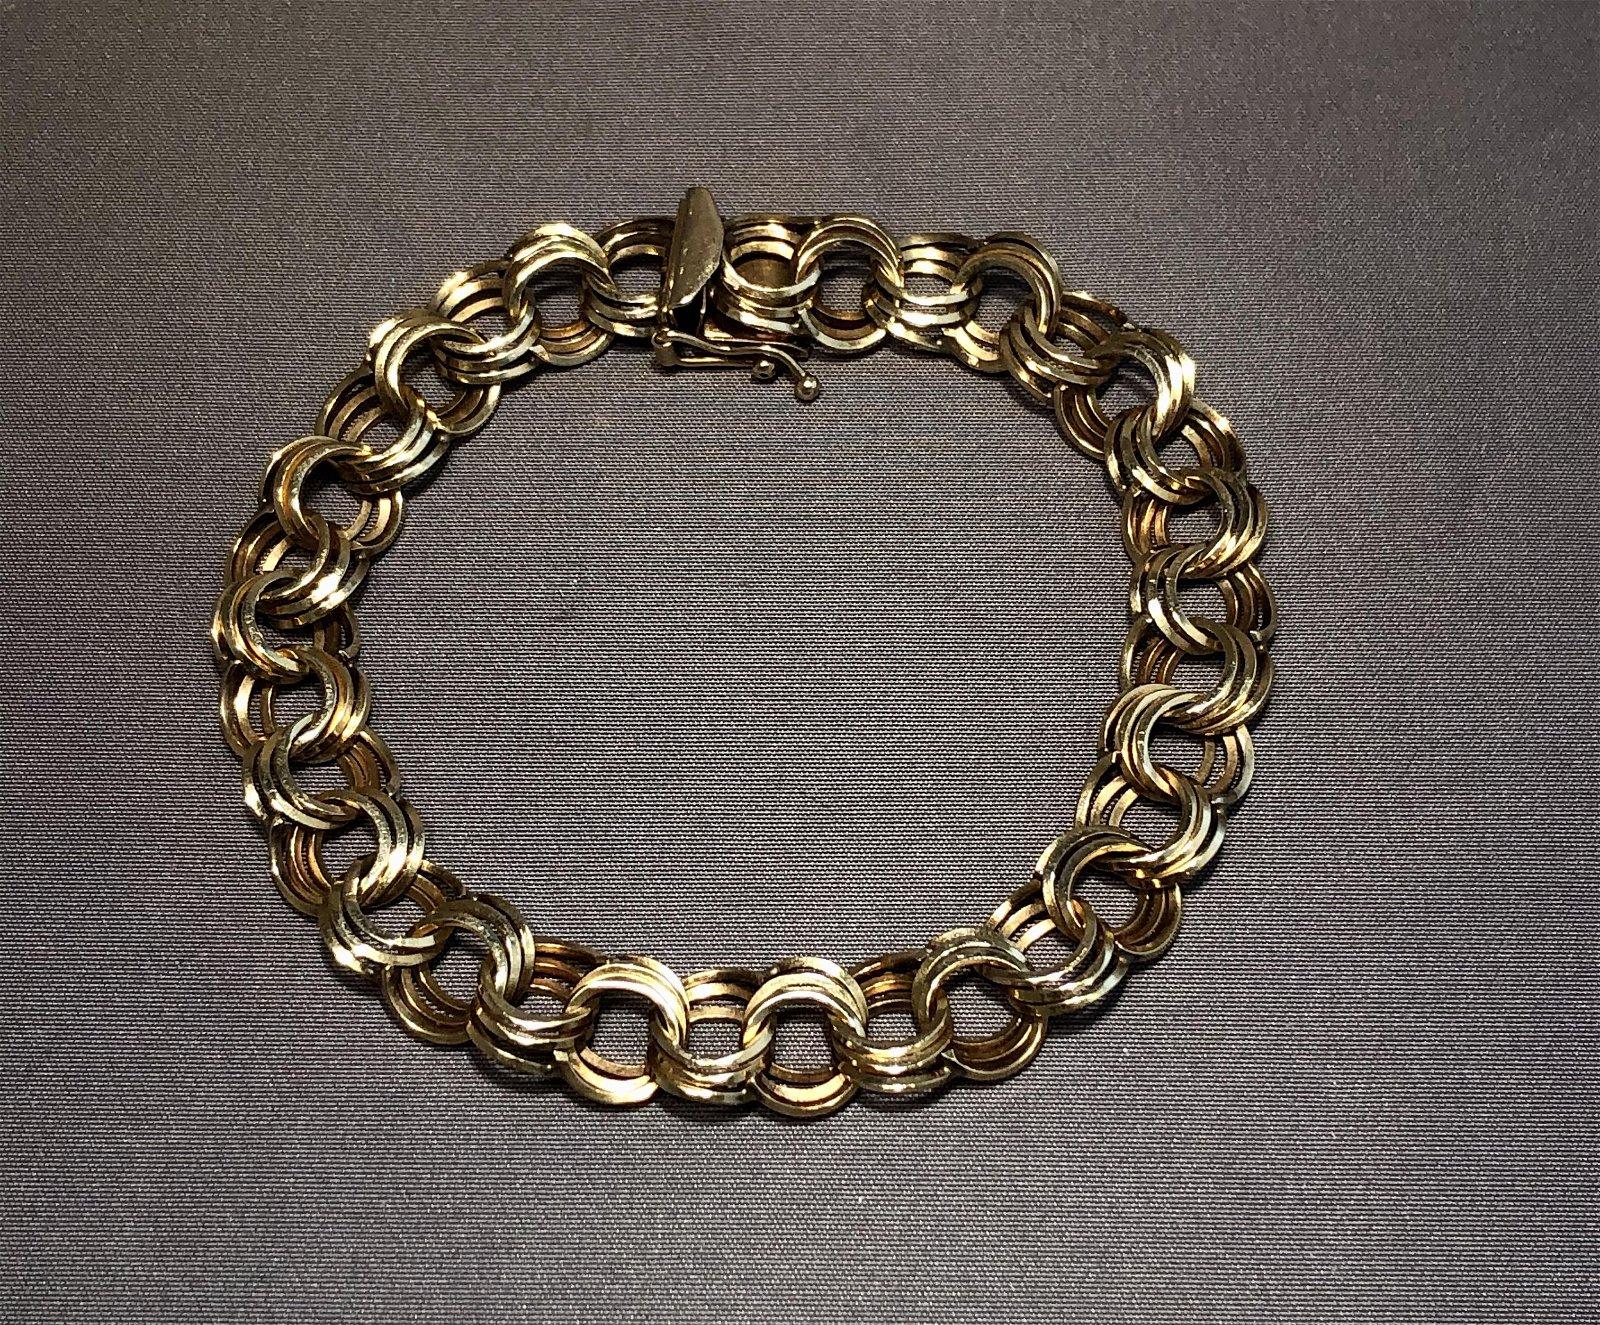 14k Gold Loop Bracelet